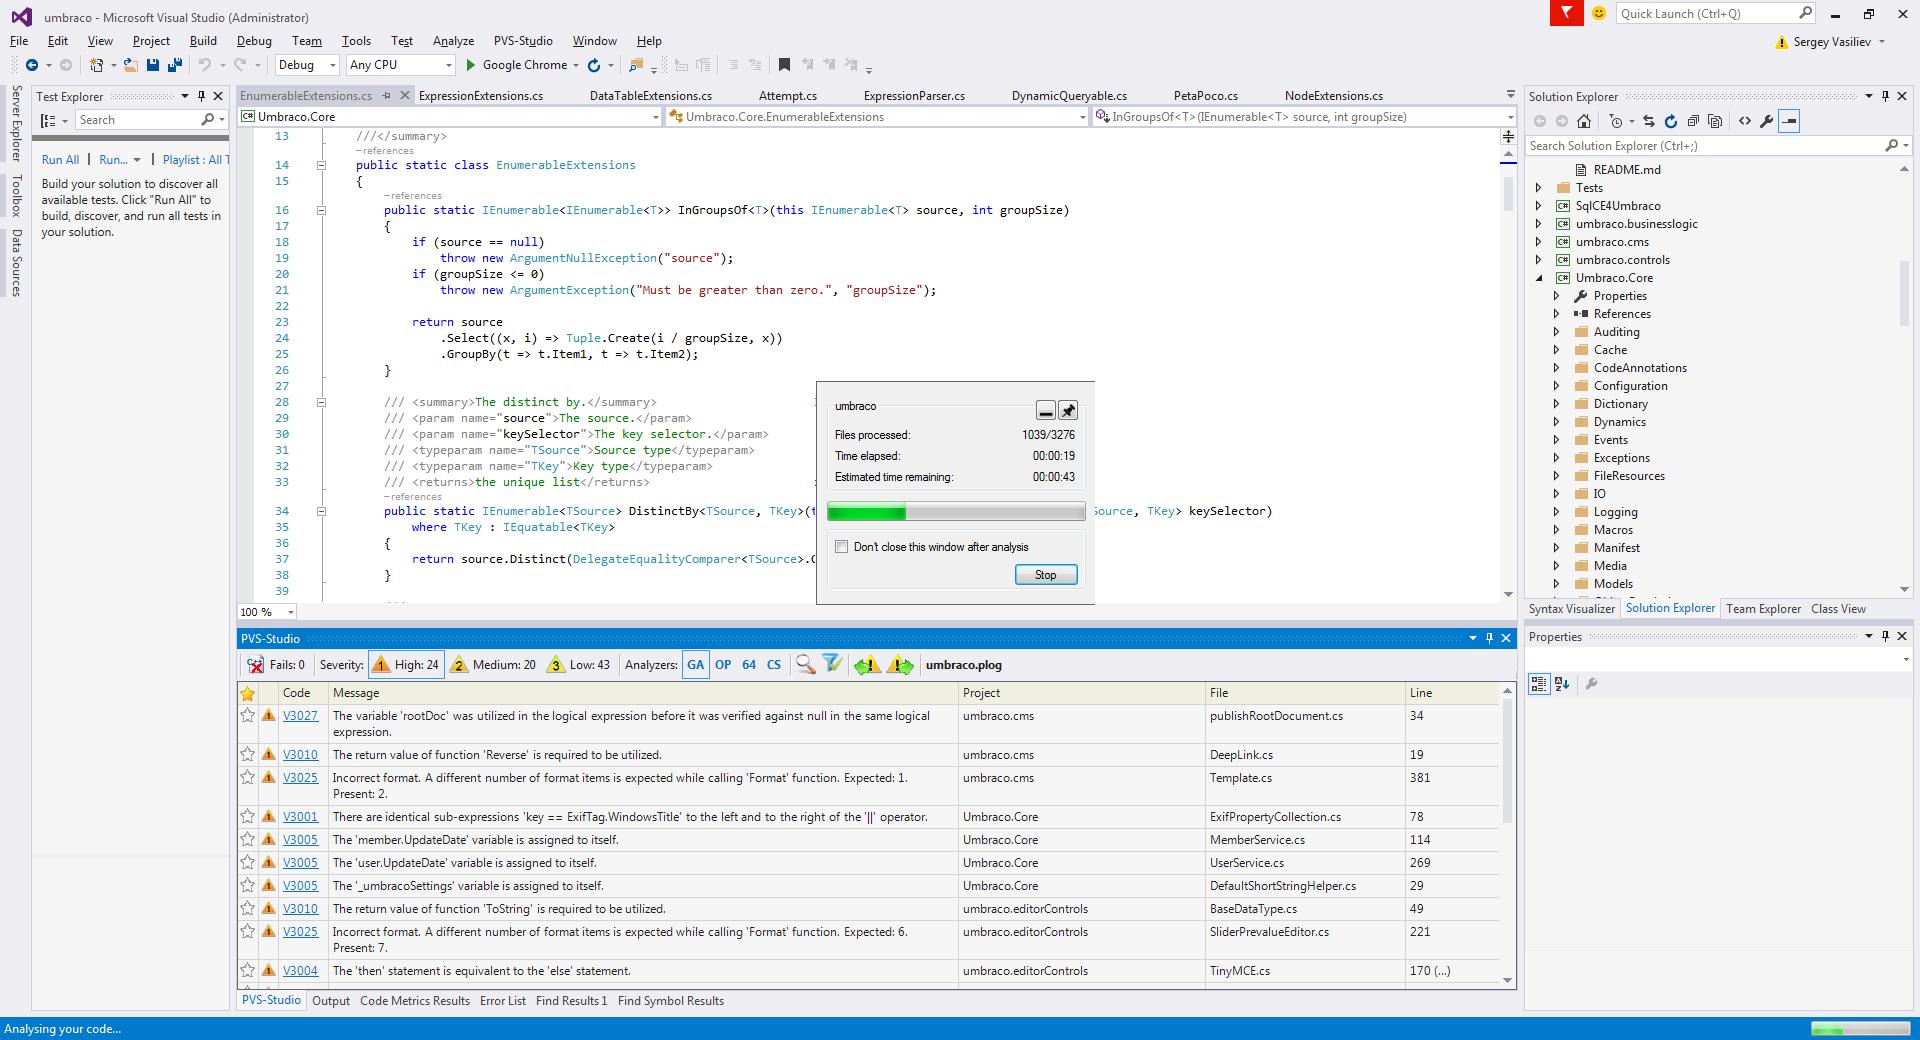 Microsoft открыла исходники Xamarin.Forms. Мы не могли упустить шанс проверить их с помощью PVS-Studio - 3